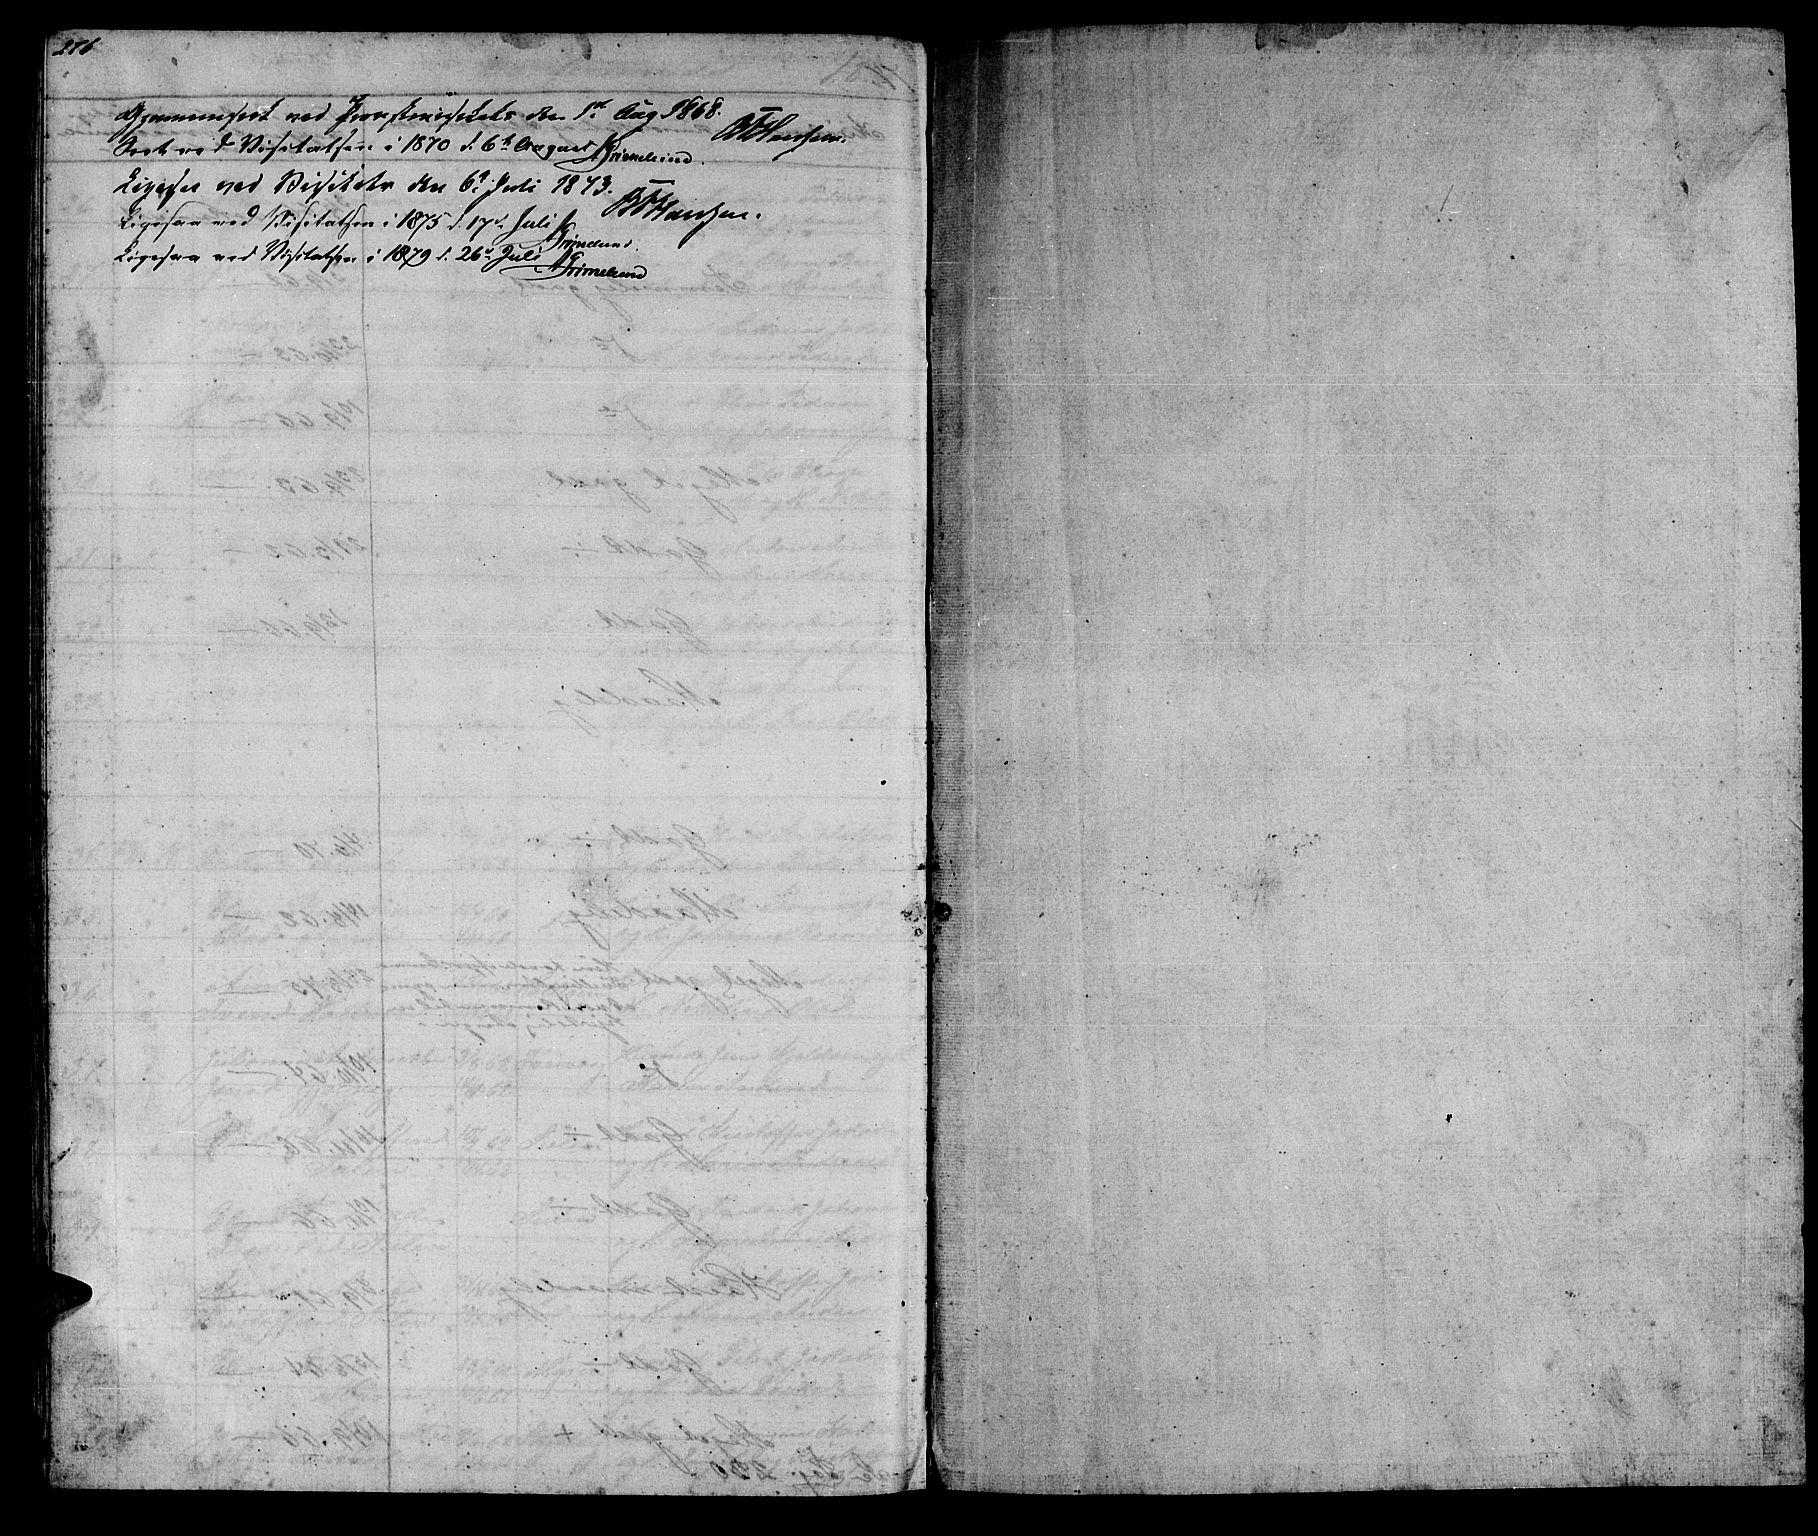 SAT, Ministerialprotokoller, klokkerbøker og fødselsregistre - Sør-Trøndelag, 640/L0583: Klokkerbok nr. 640C01, 1866-1877, s. 276-277